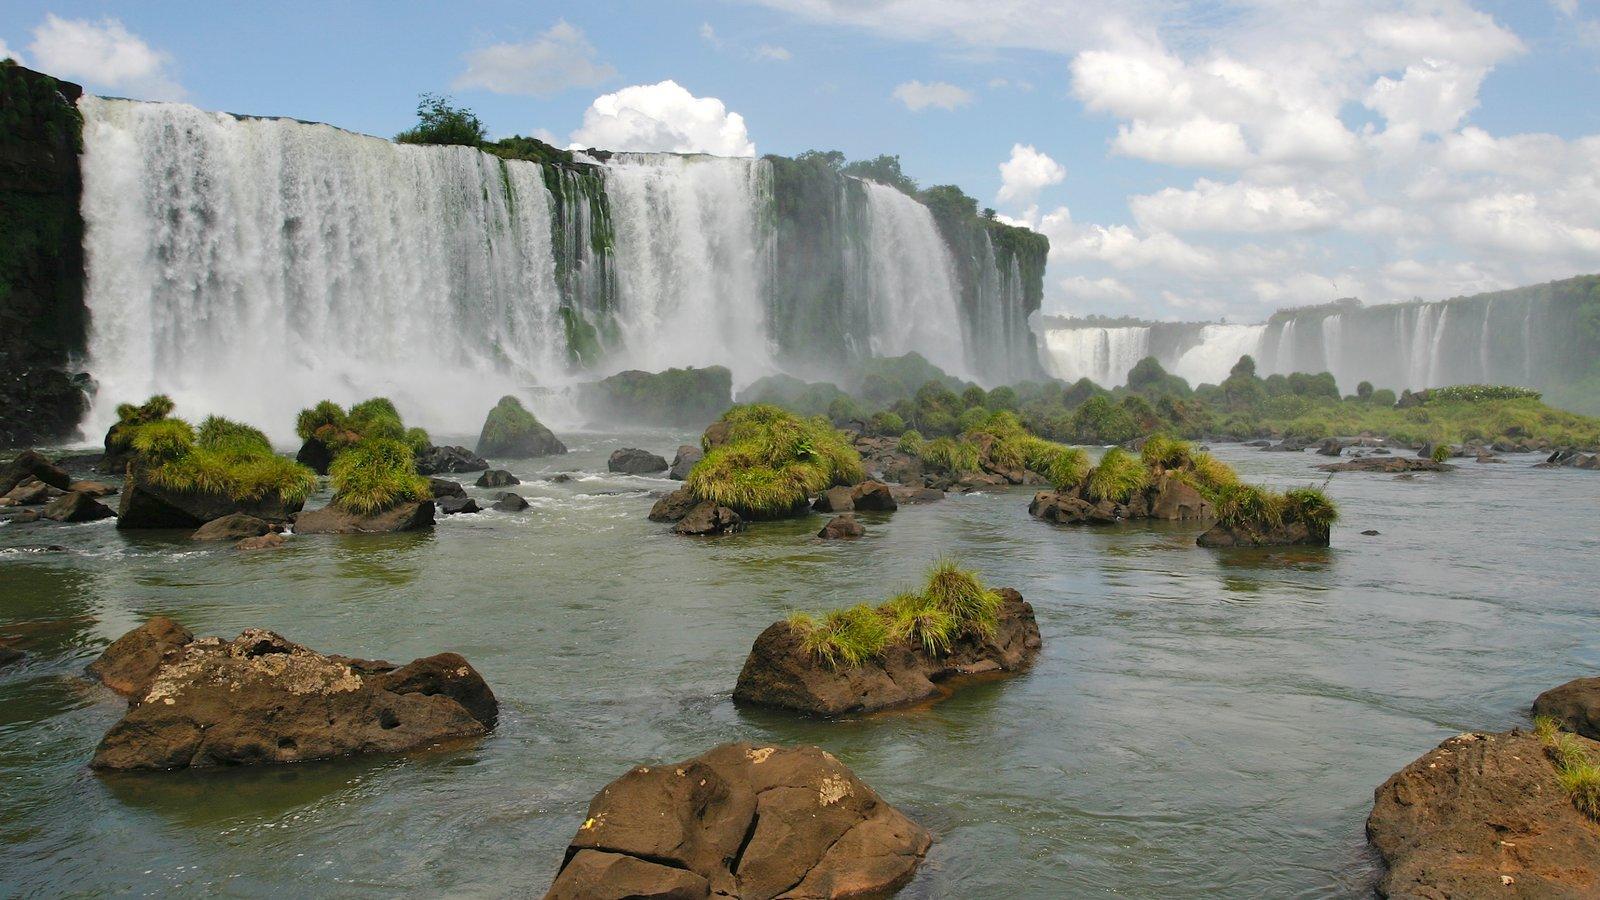 Região Sul que inclui um rio ou córrego e uma cascata